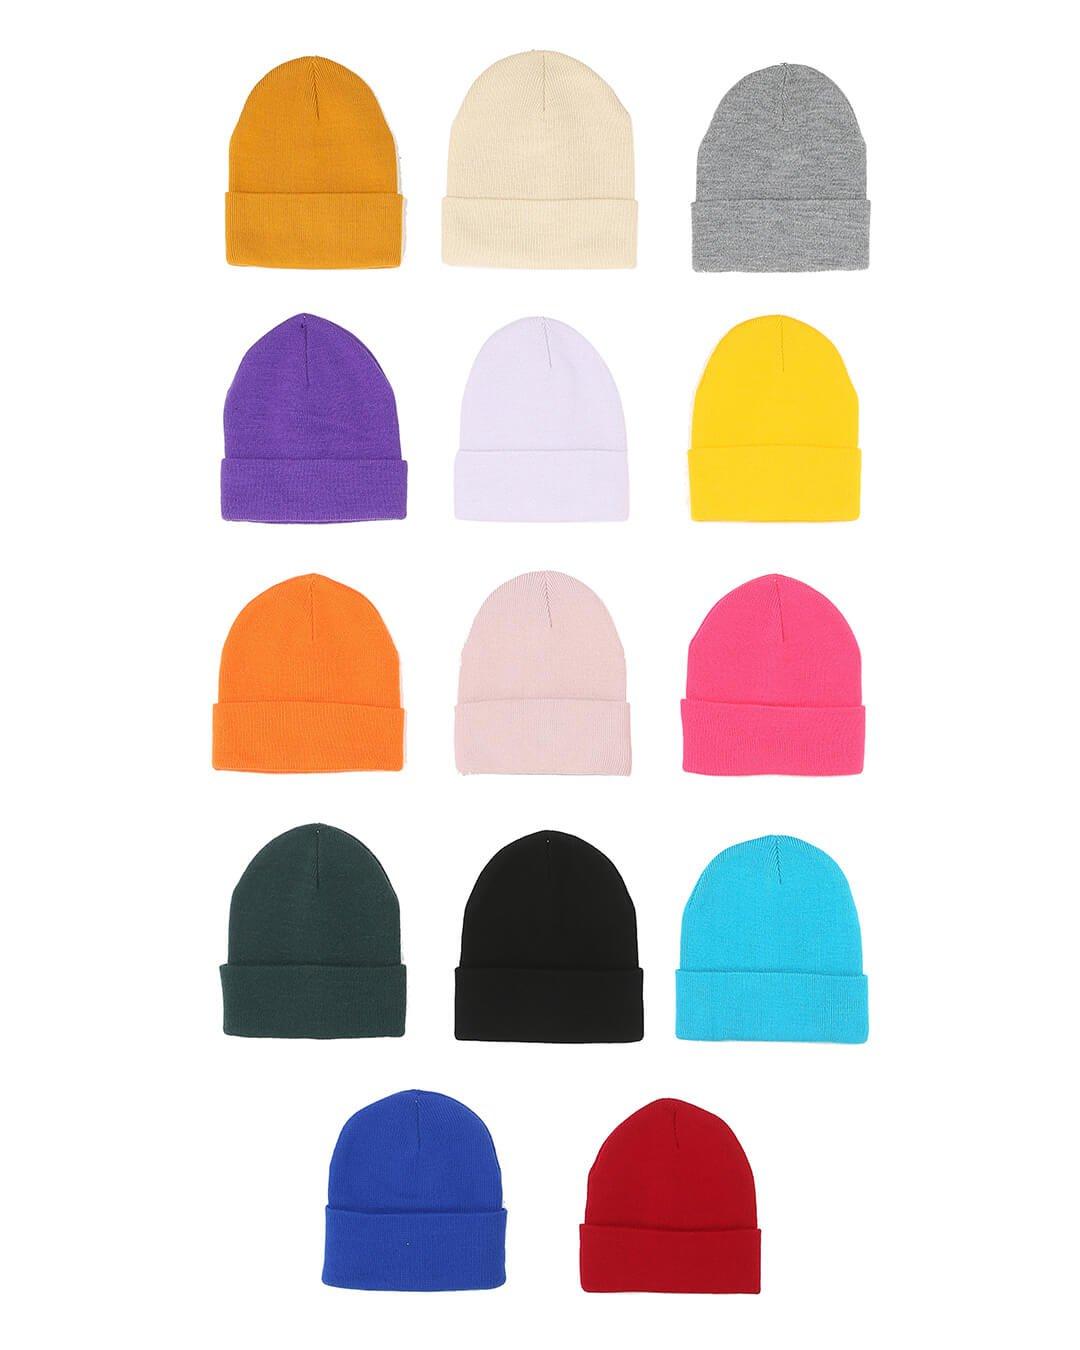 CMFW-19-02 - Düz Katlamalı Bere - CMF Şapka